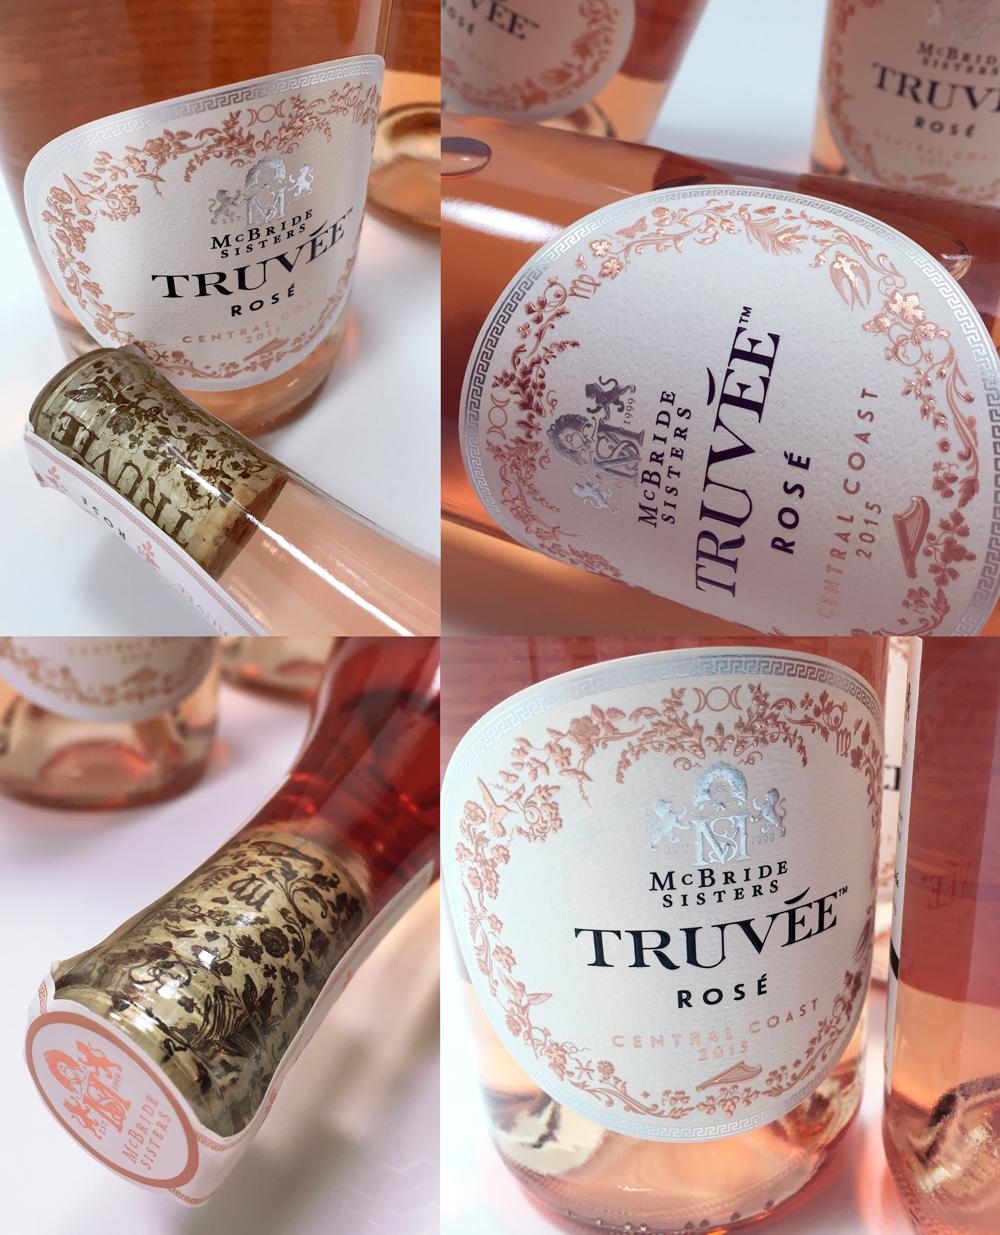 TRUVEE-ROSE-CLOSEUPS-DUO-NEW-1000-ID26